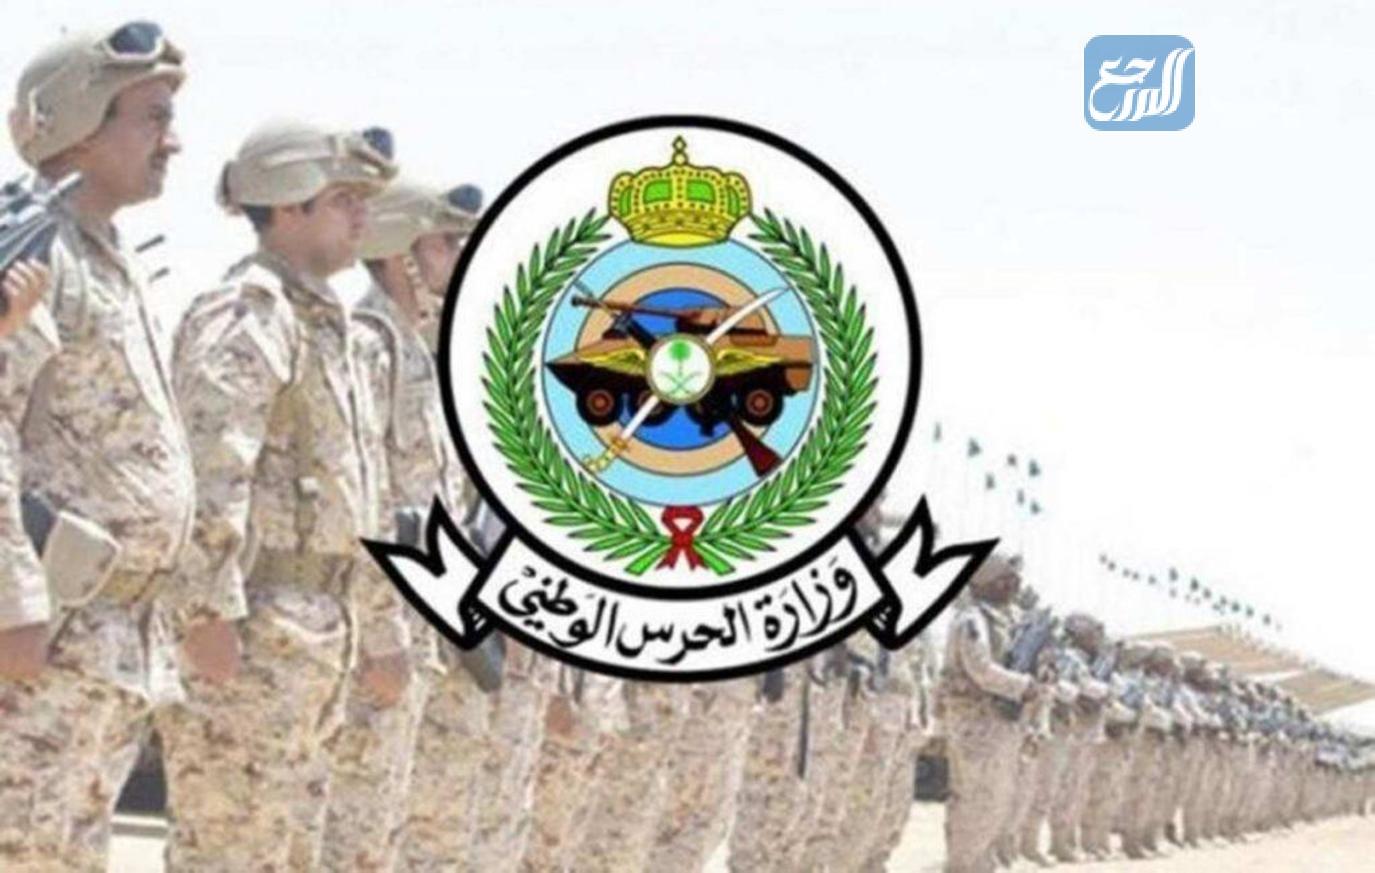 عن وزارة الحرس الوطني 1443